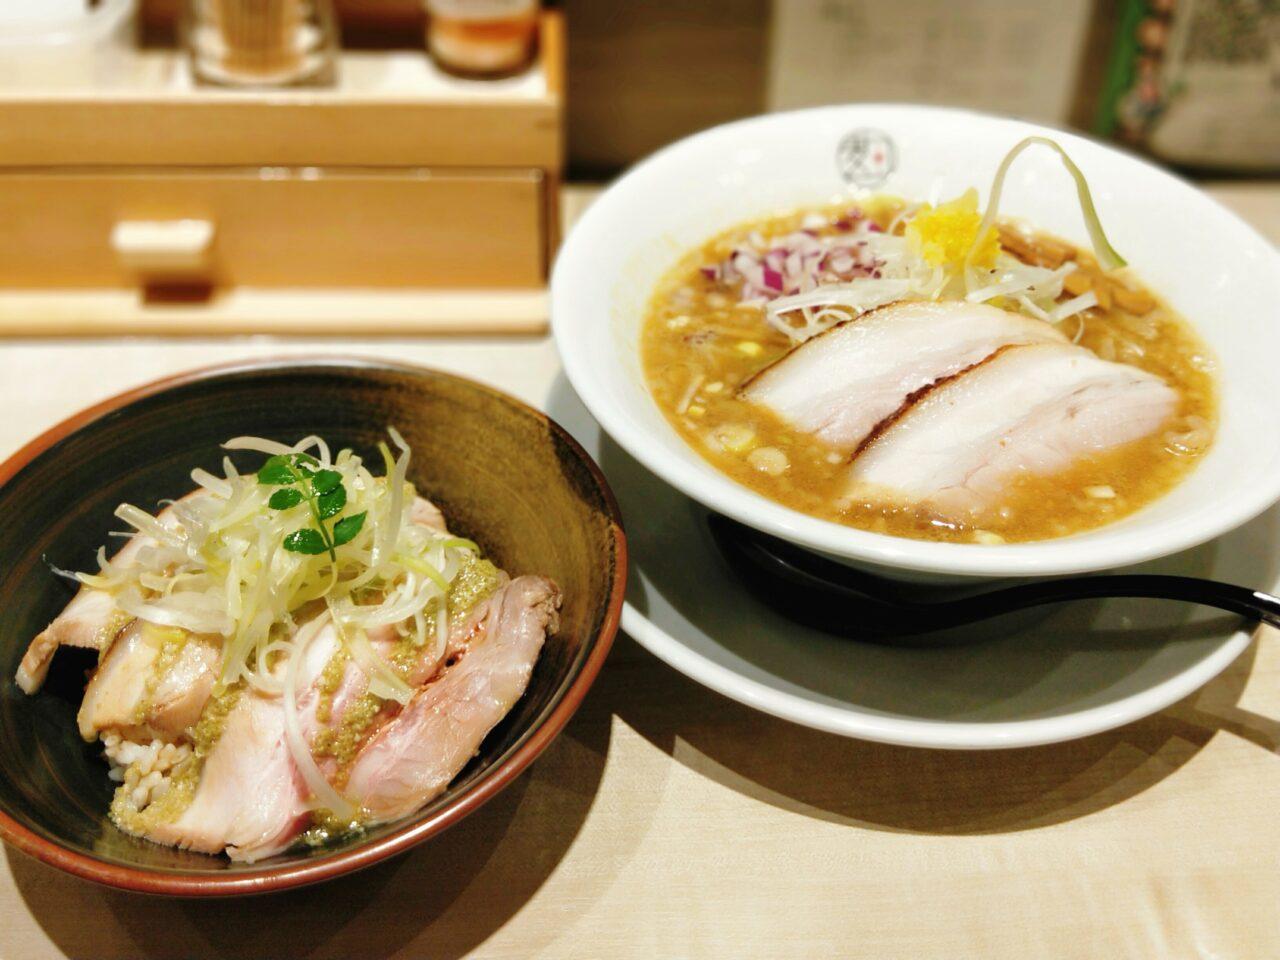 味噌ヌードル 麹(淀屋橋駅、北浜駅・味噌ラーメン)